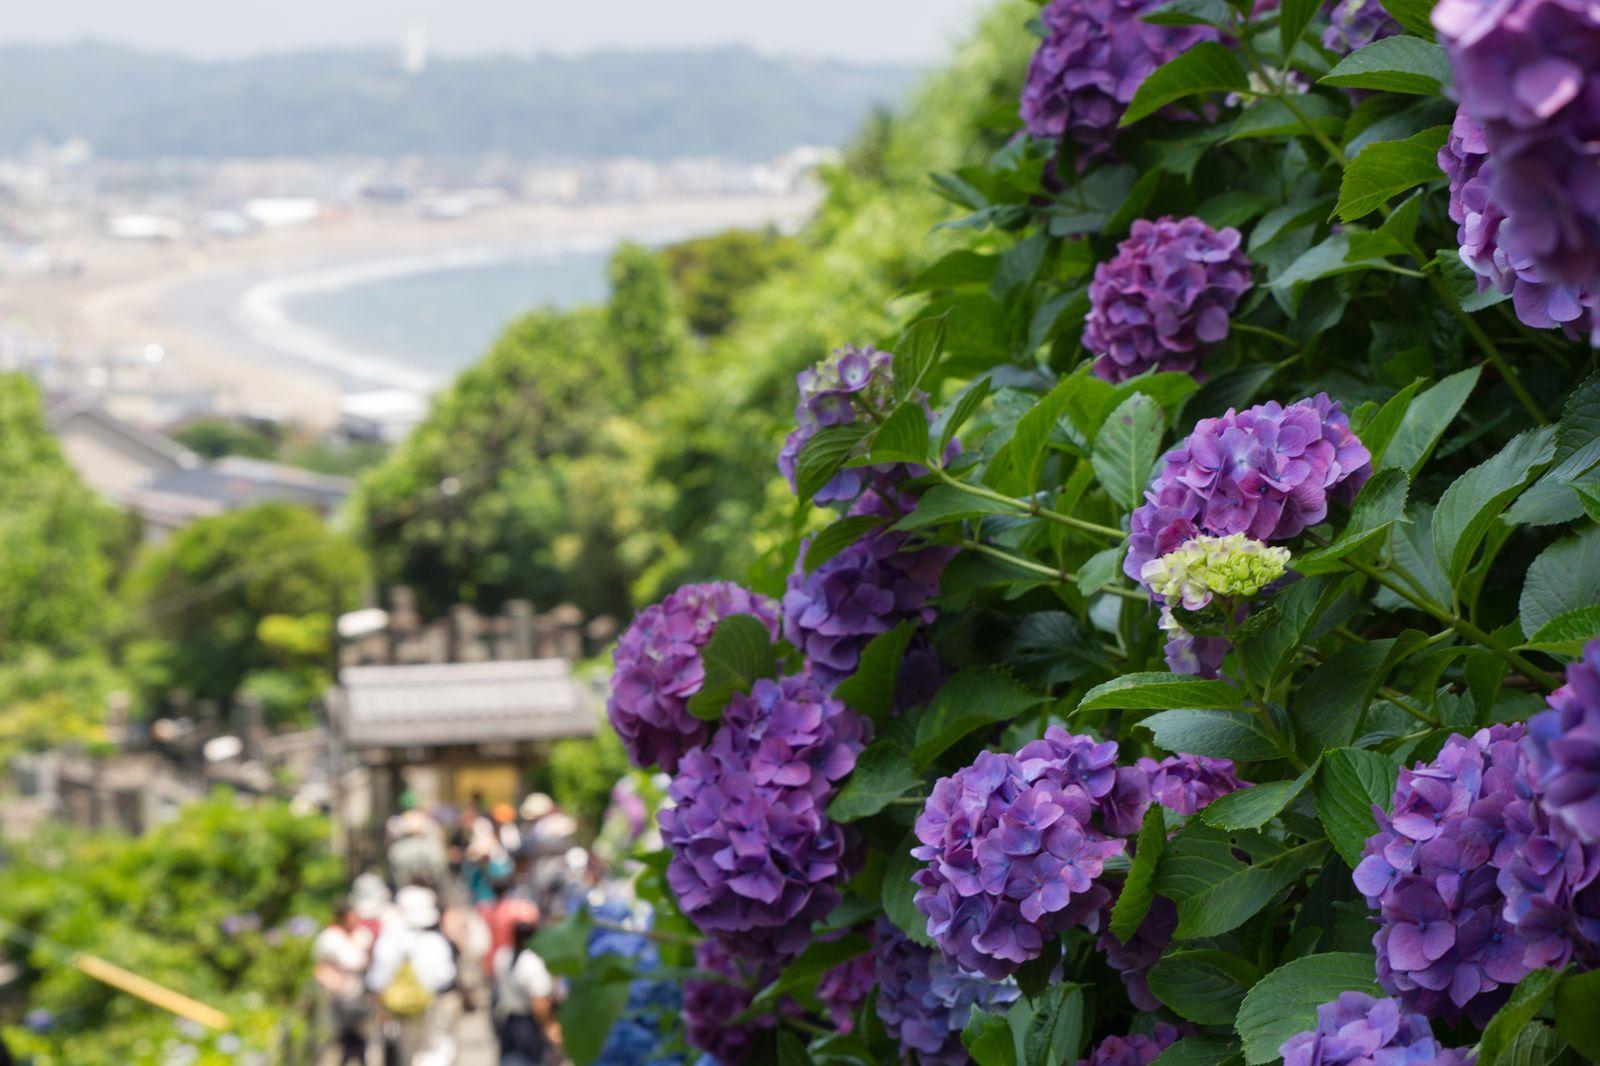 観光で訪れたい人気スポット!鎌倉のおすすめ神社・寺ランキングTOP15 11枚目の画像